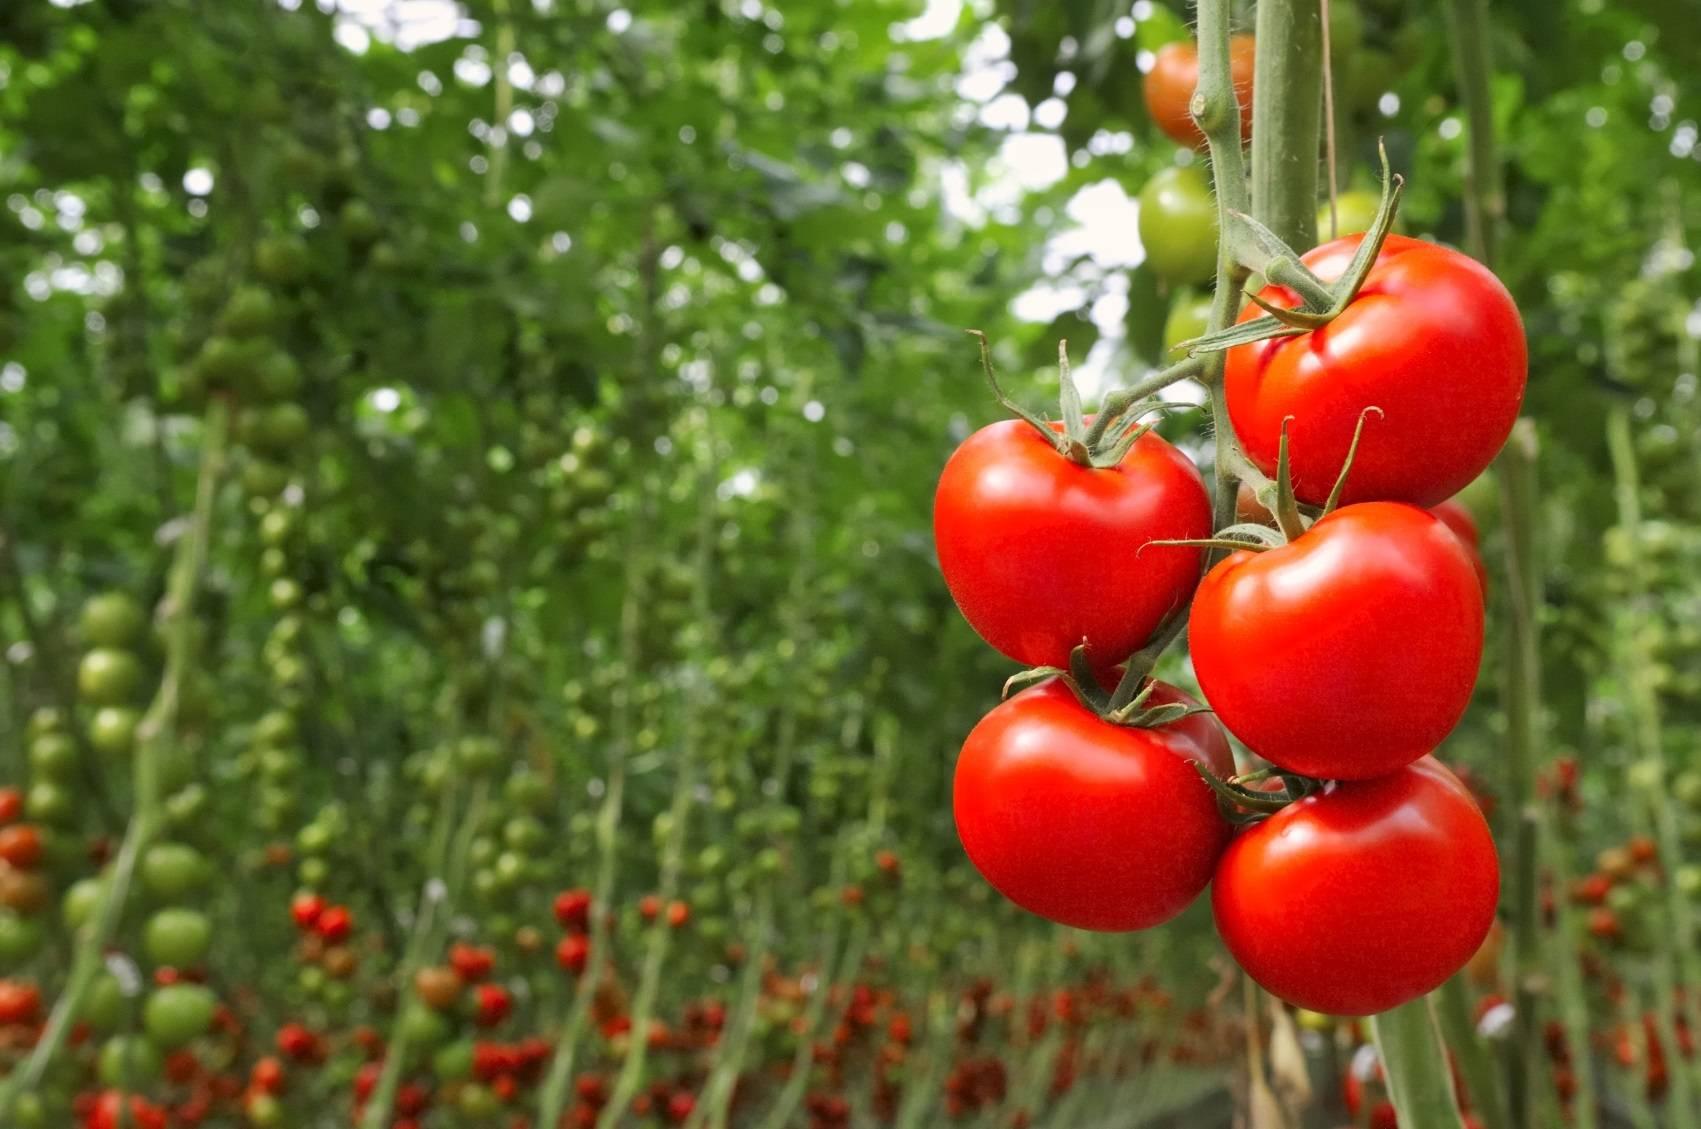 jardin 7 astuces pour une bonne recolte de tomates. Black Bedroom Furniture Sets. Home Design Ideas